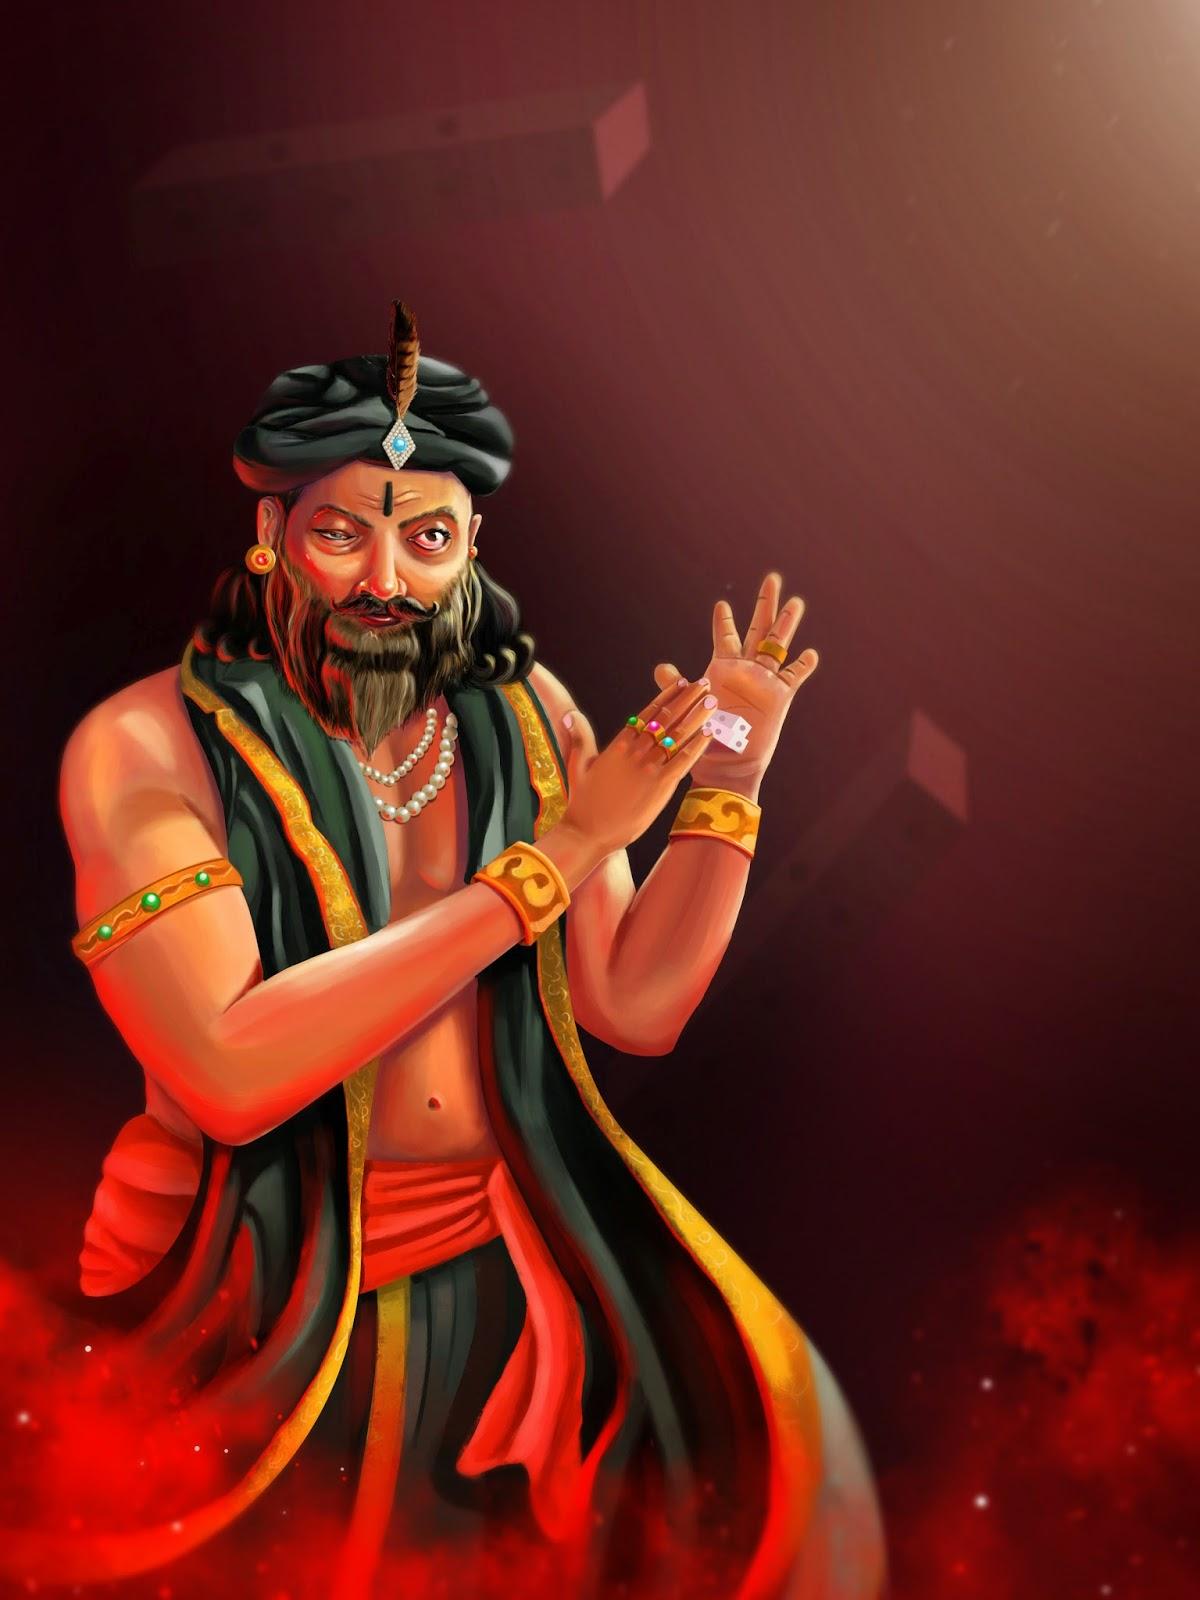 prayagart